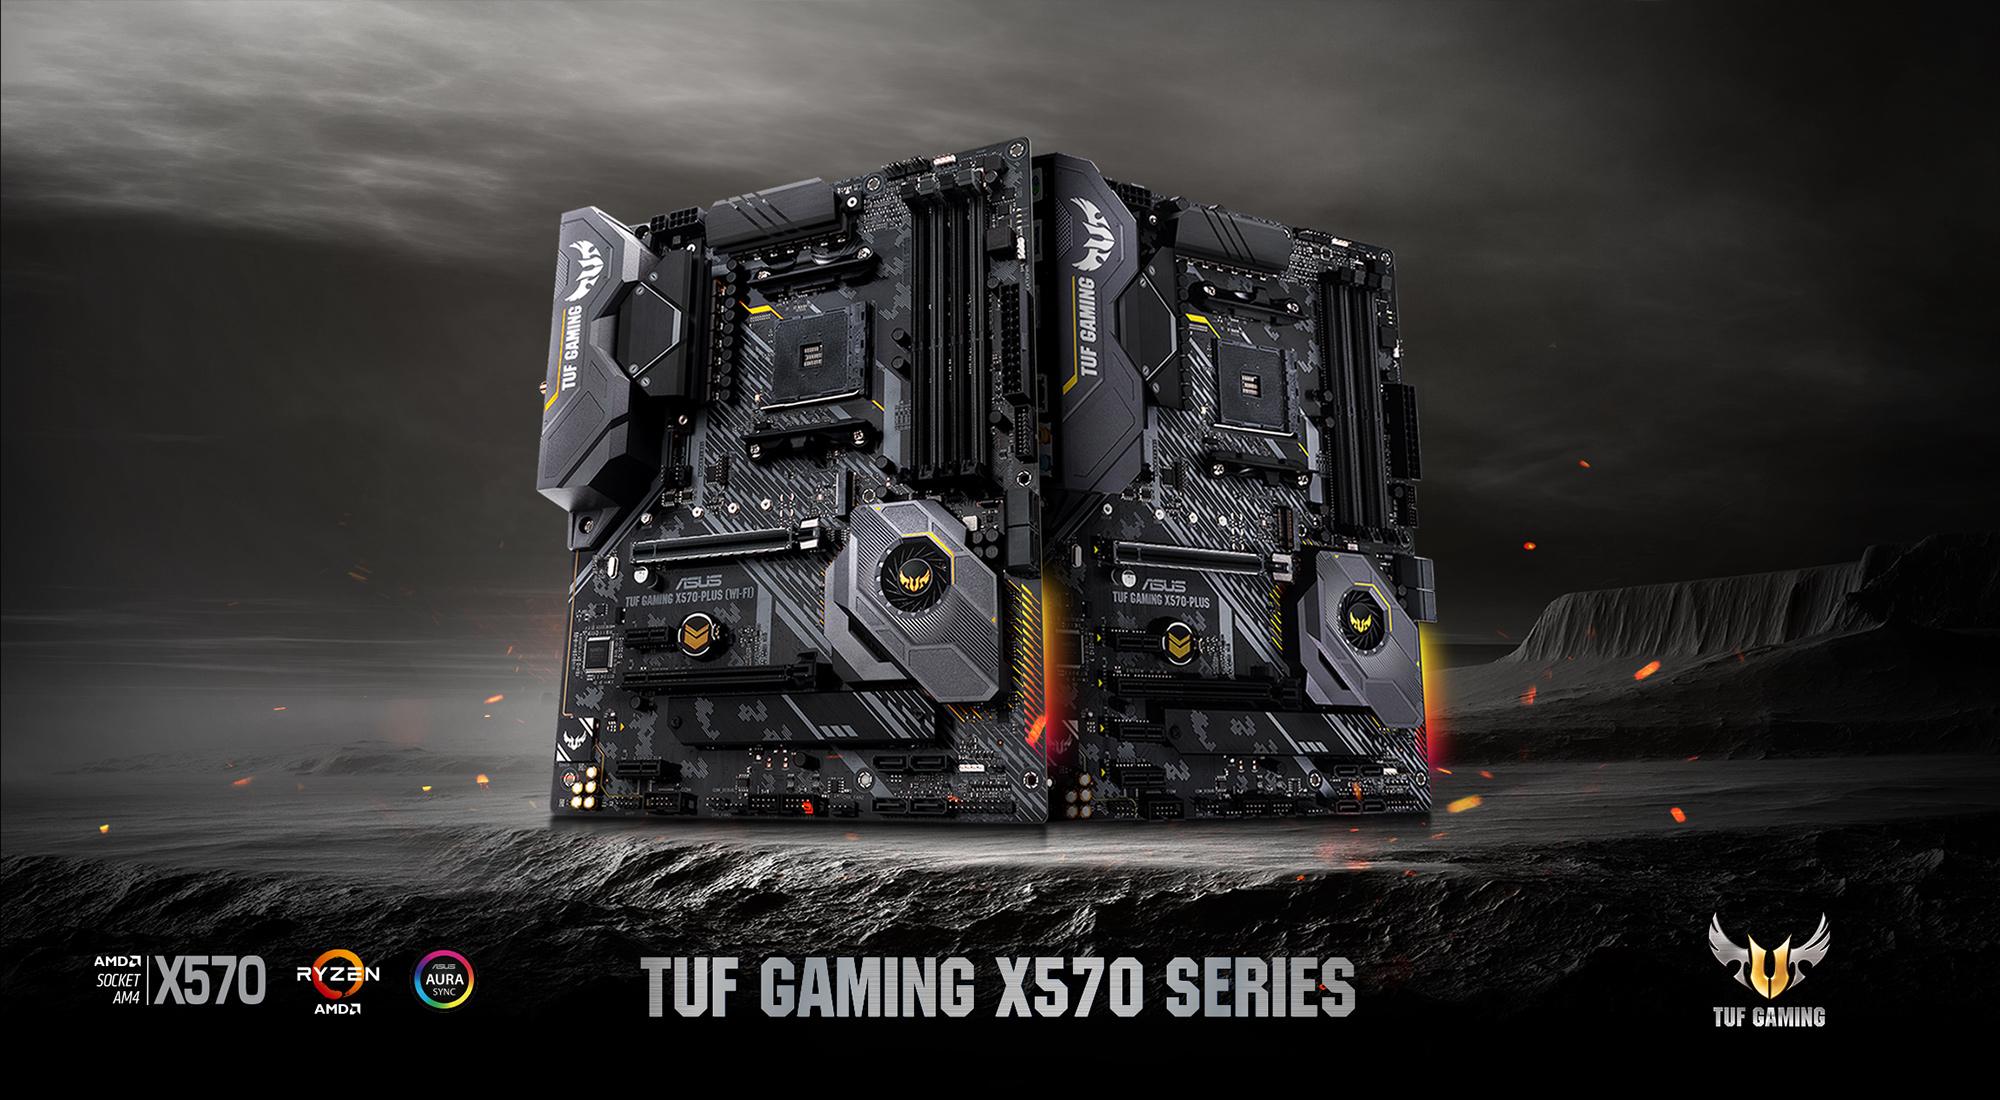 ASUS - TUF Gaming X570 Series Motherboards Landing Page